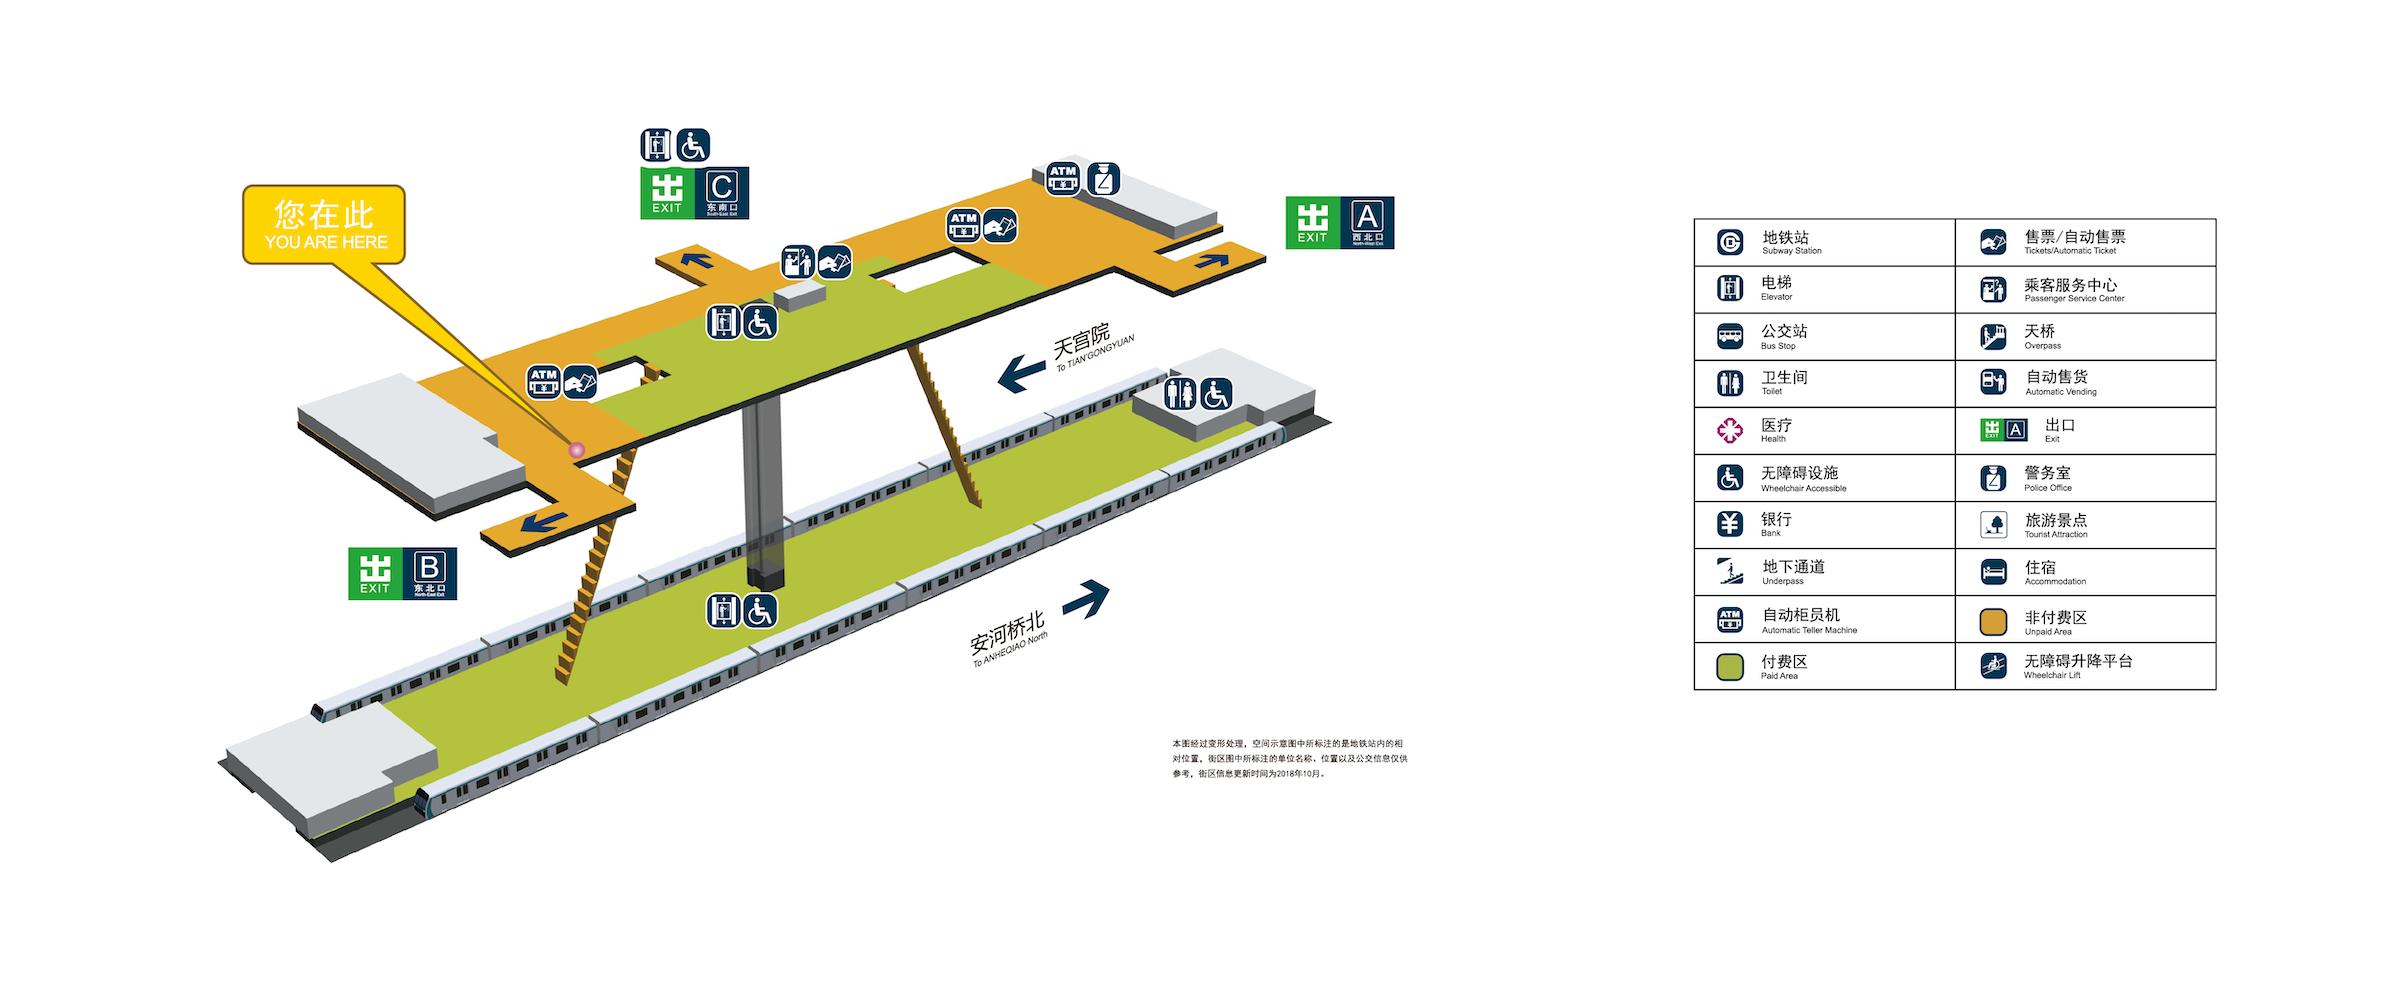 圆明园站立体图